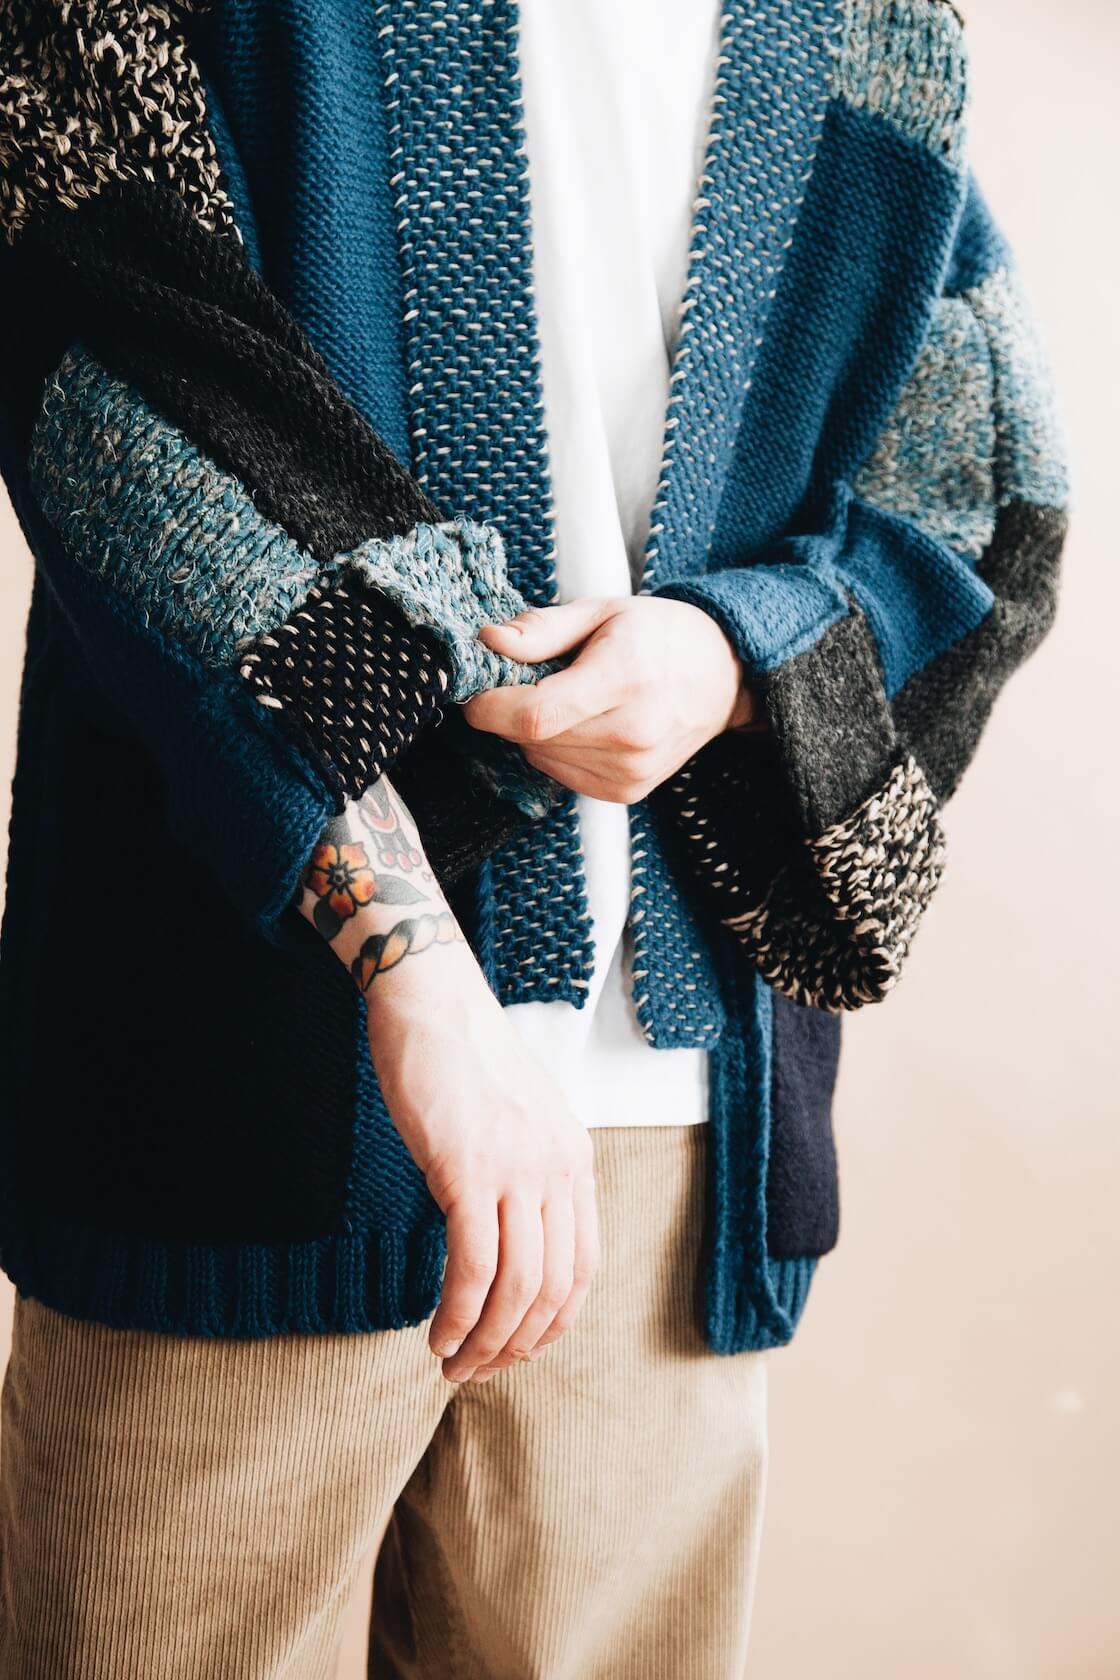 kapital hand knit tugihagi kakashi cardigan on body